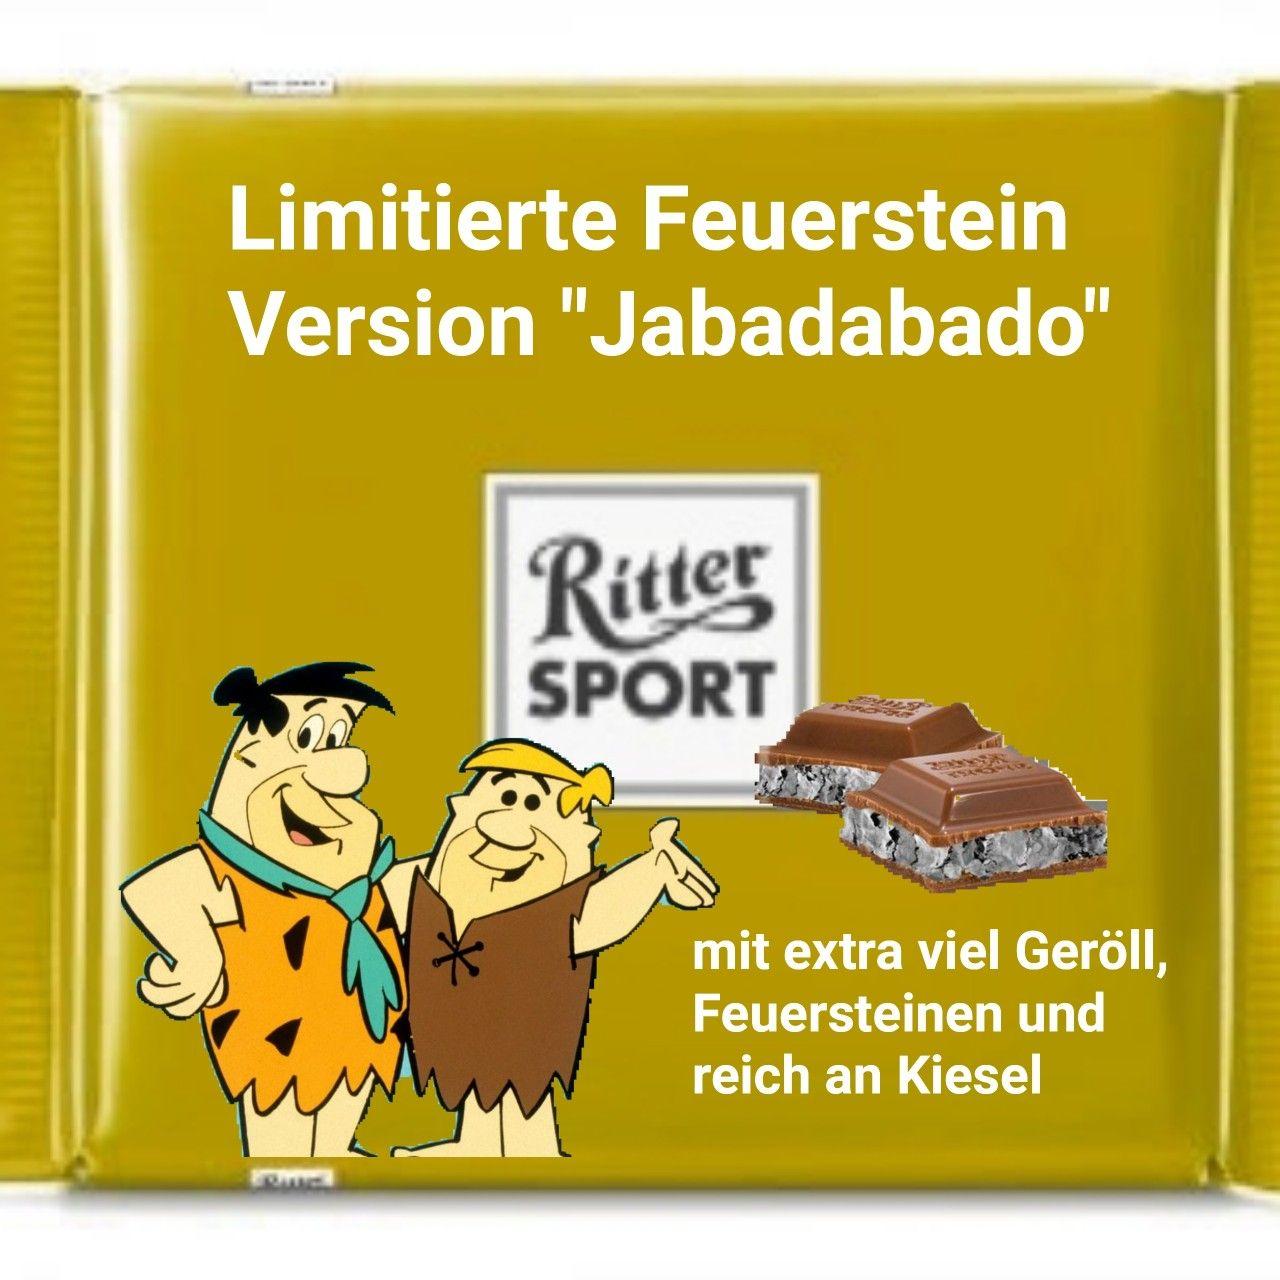 Ritter Lustig